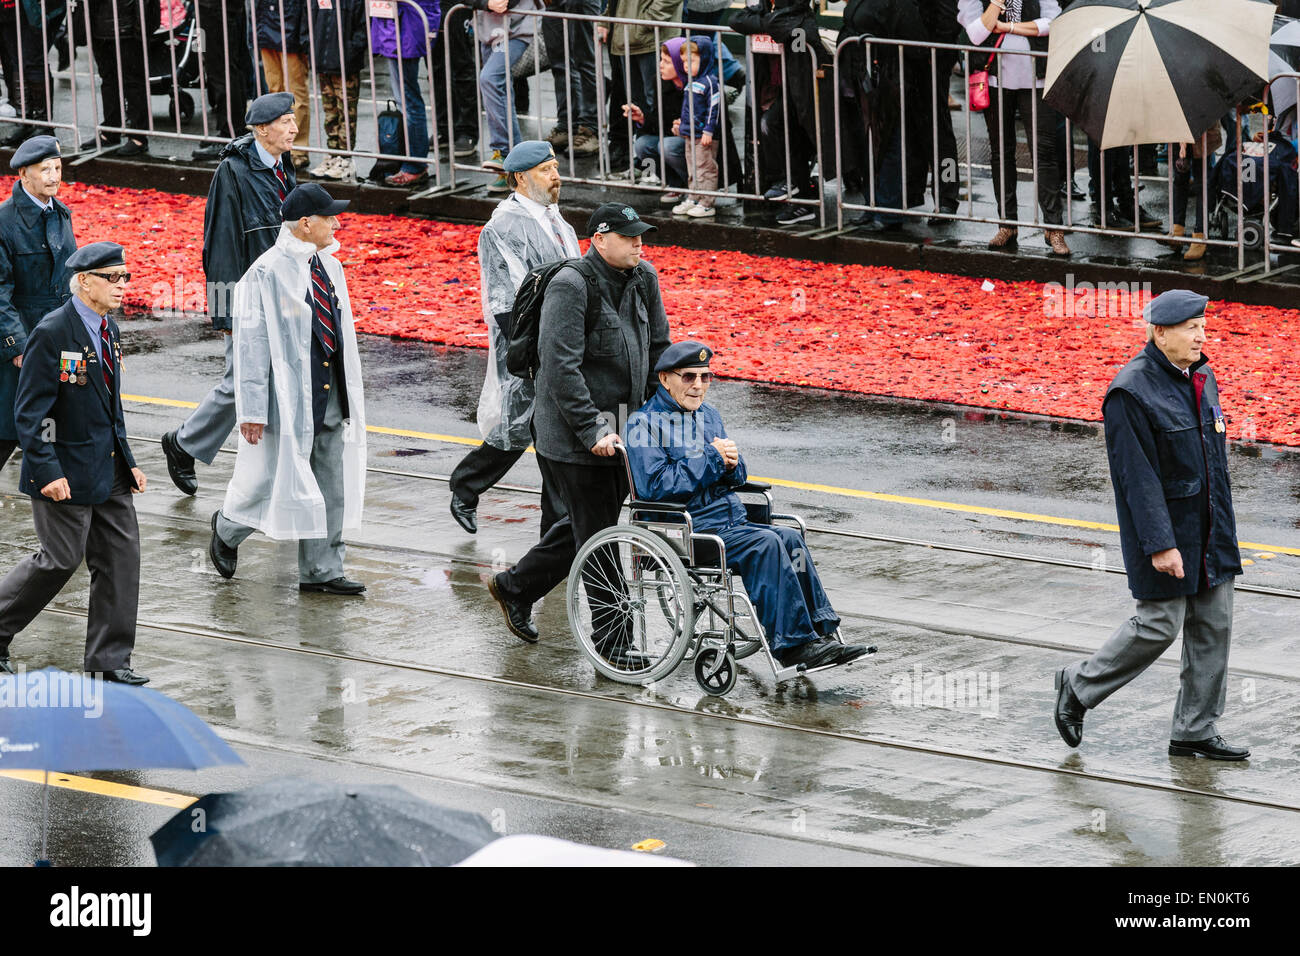 Melbourne, Australie. 25 avril 2015. L'Anzac Day de mars et vétéran des militaires et leurs descendants, de Princes Bridge au culte du souvenir, par temps de pluie. L'Anzac Day de cette année marque le centenaire de l'atterrissage de Gallipoli ANZAC et soldats alliés en Turquie le 25 avril 2015. Credit: Kerin Forstmanis/Alamy Live News Banque D'Images